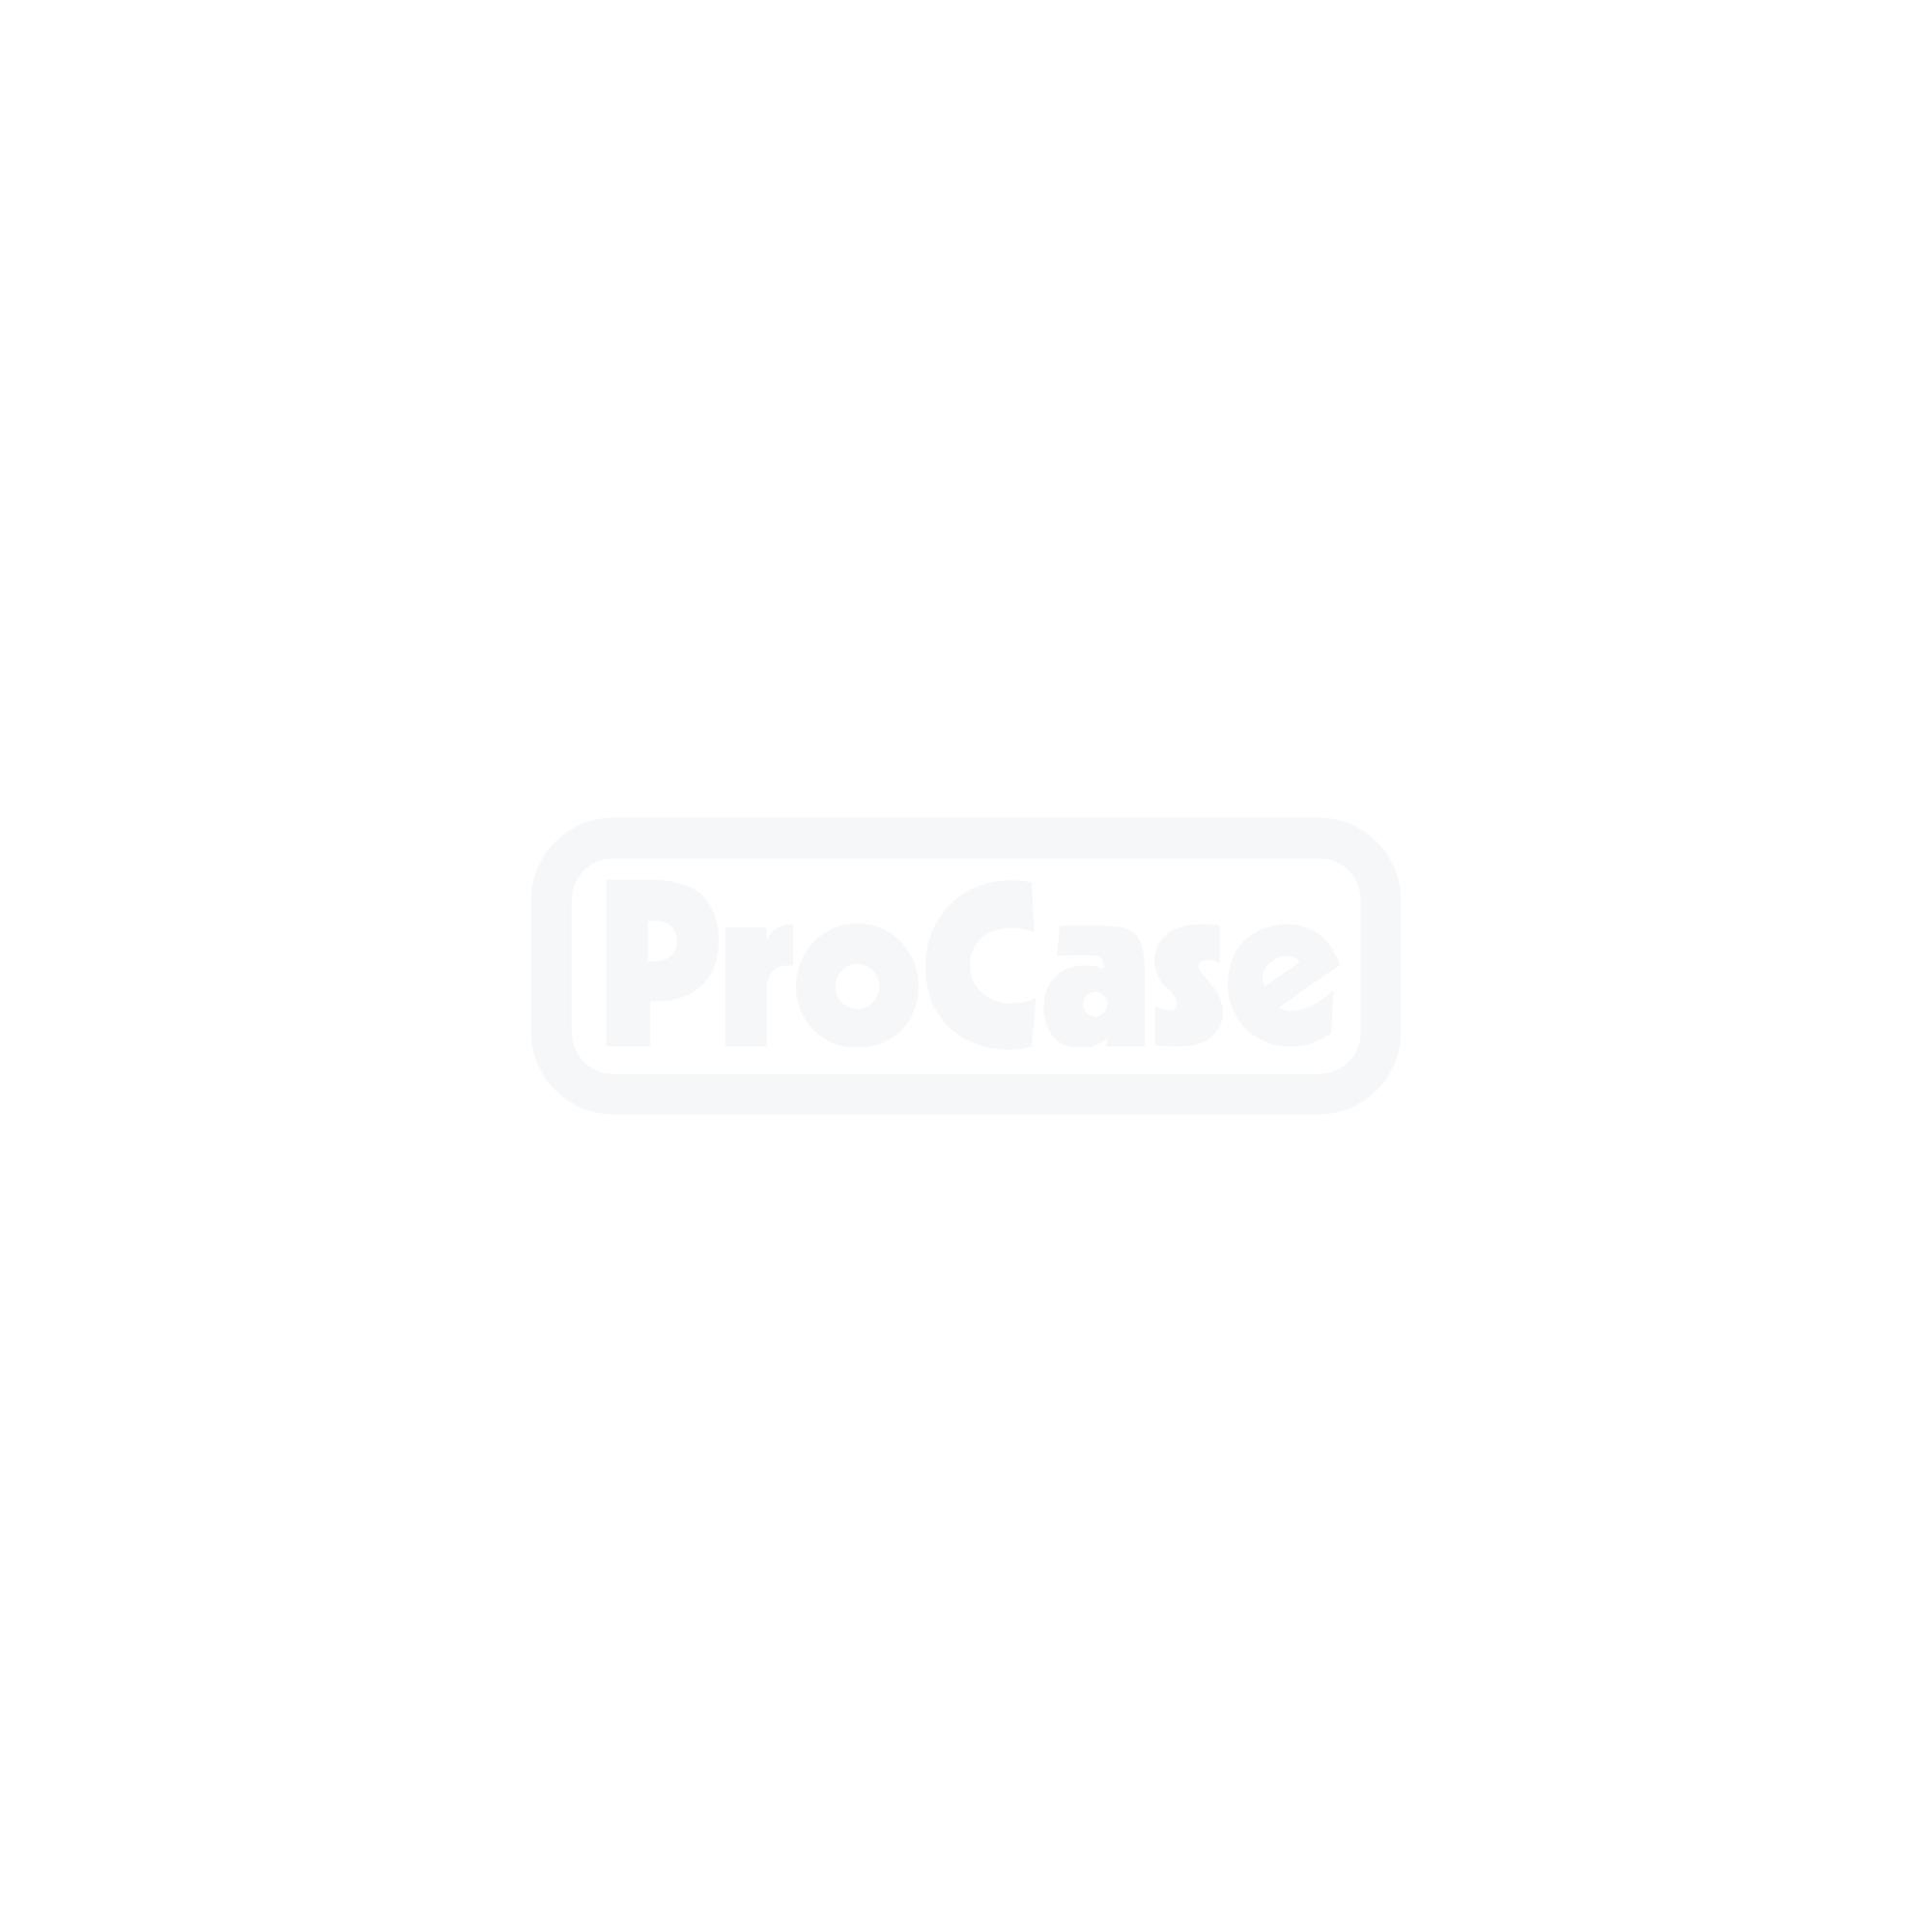 Shockwatch Transportkontrolle